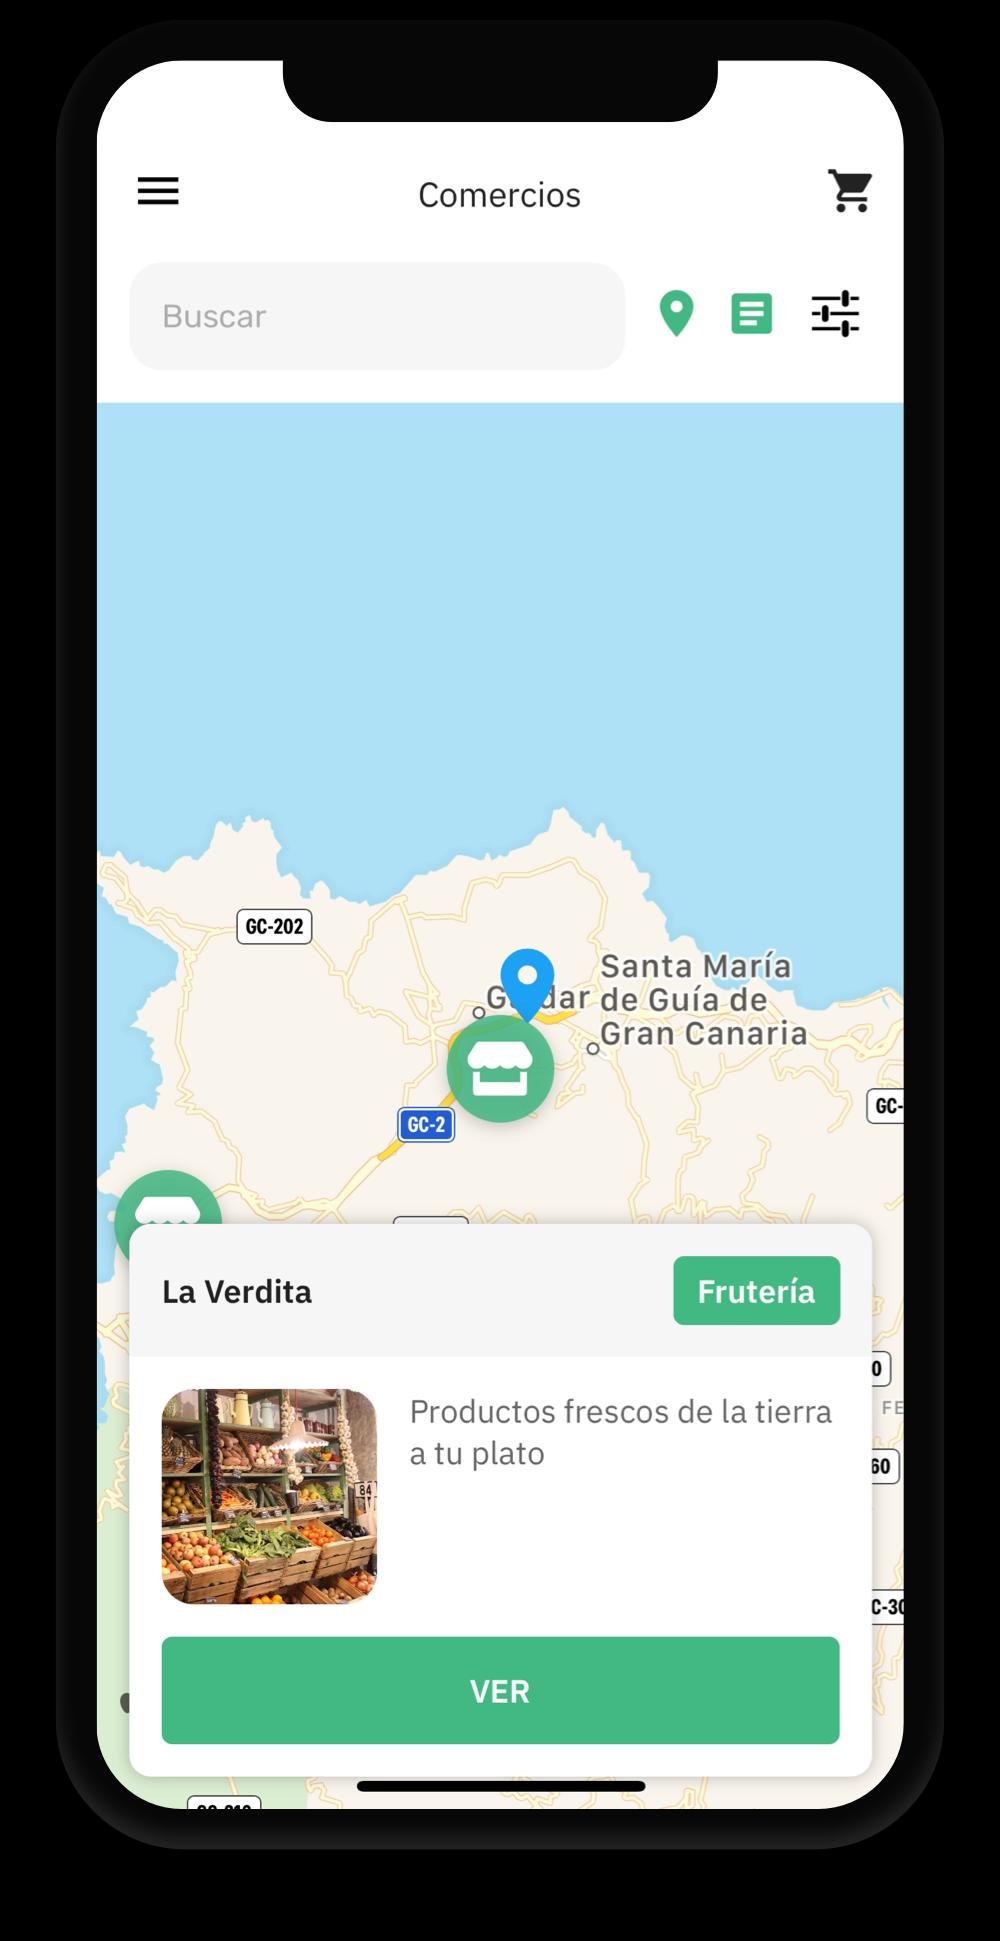 comercios-cercanos-mapa